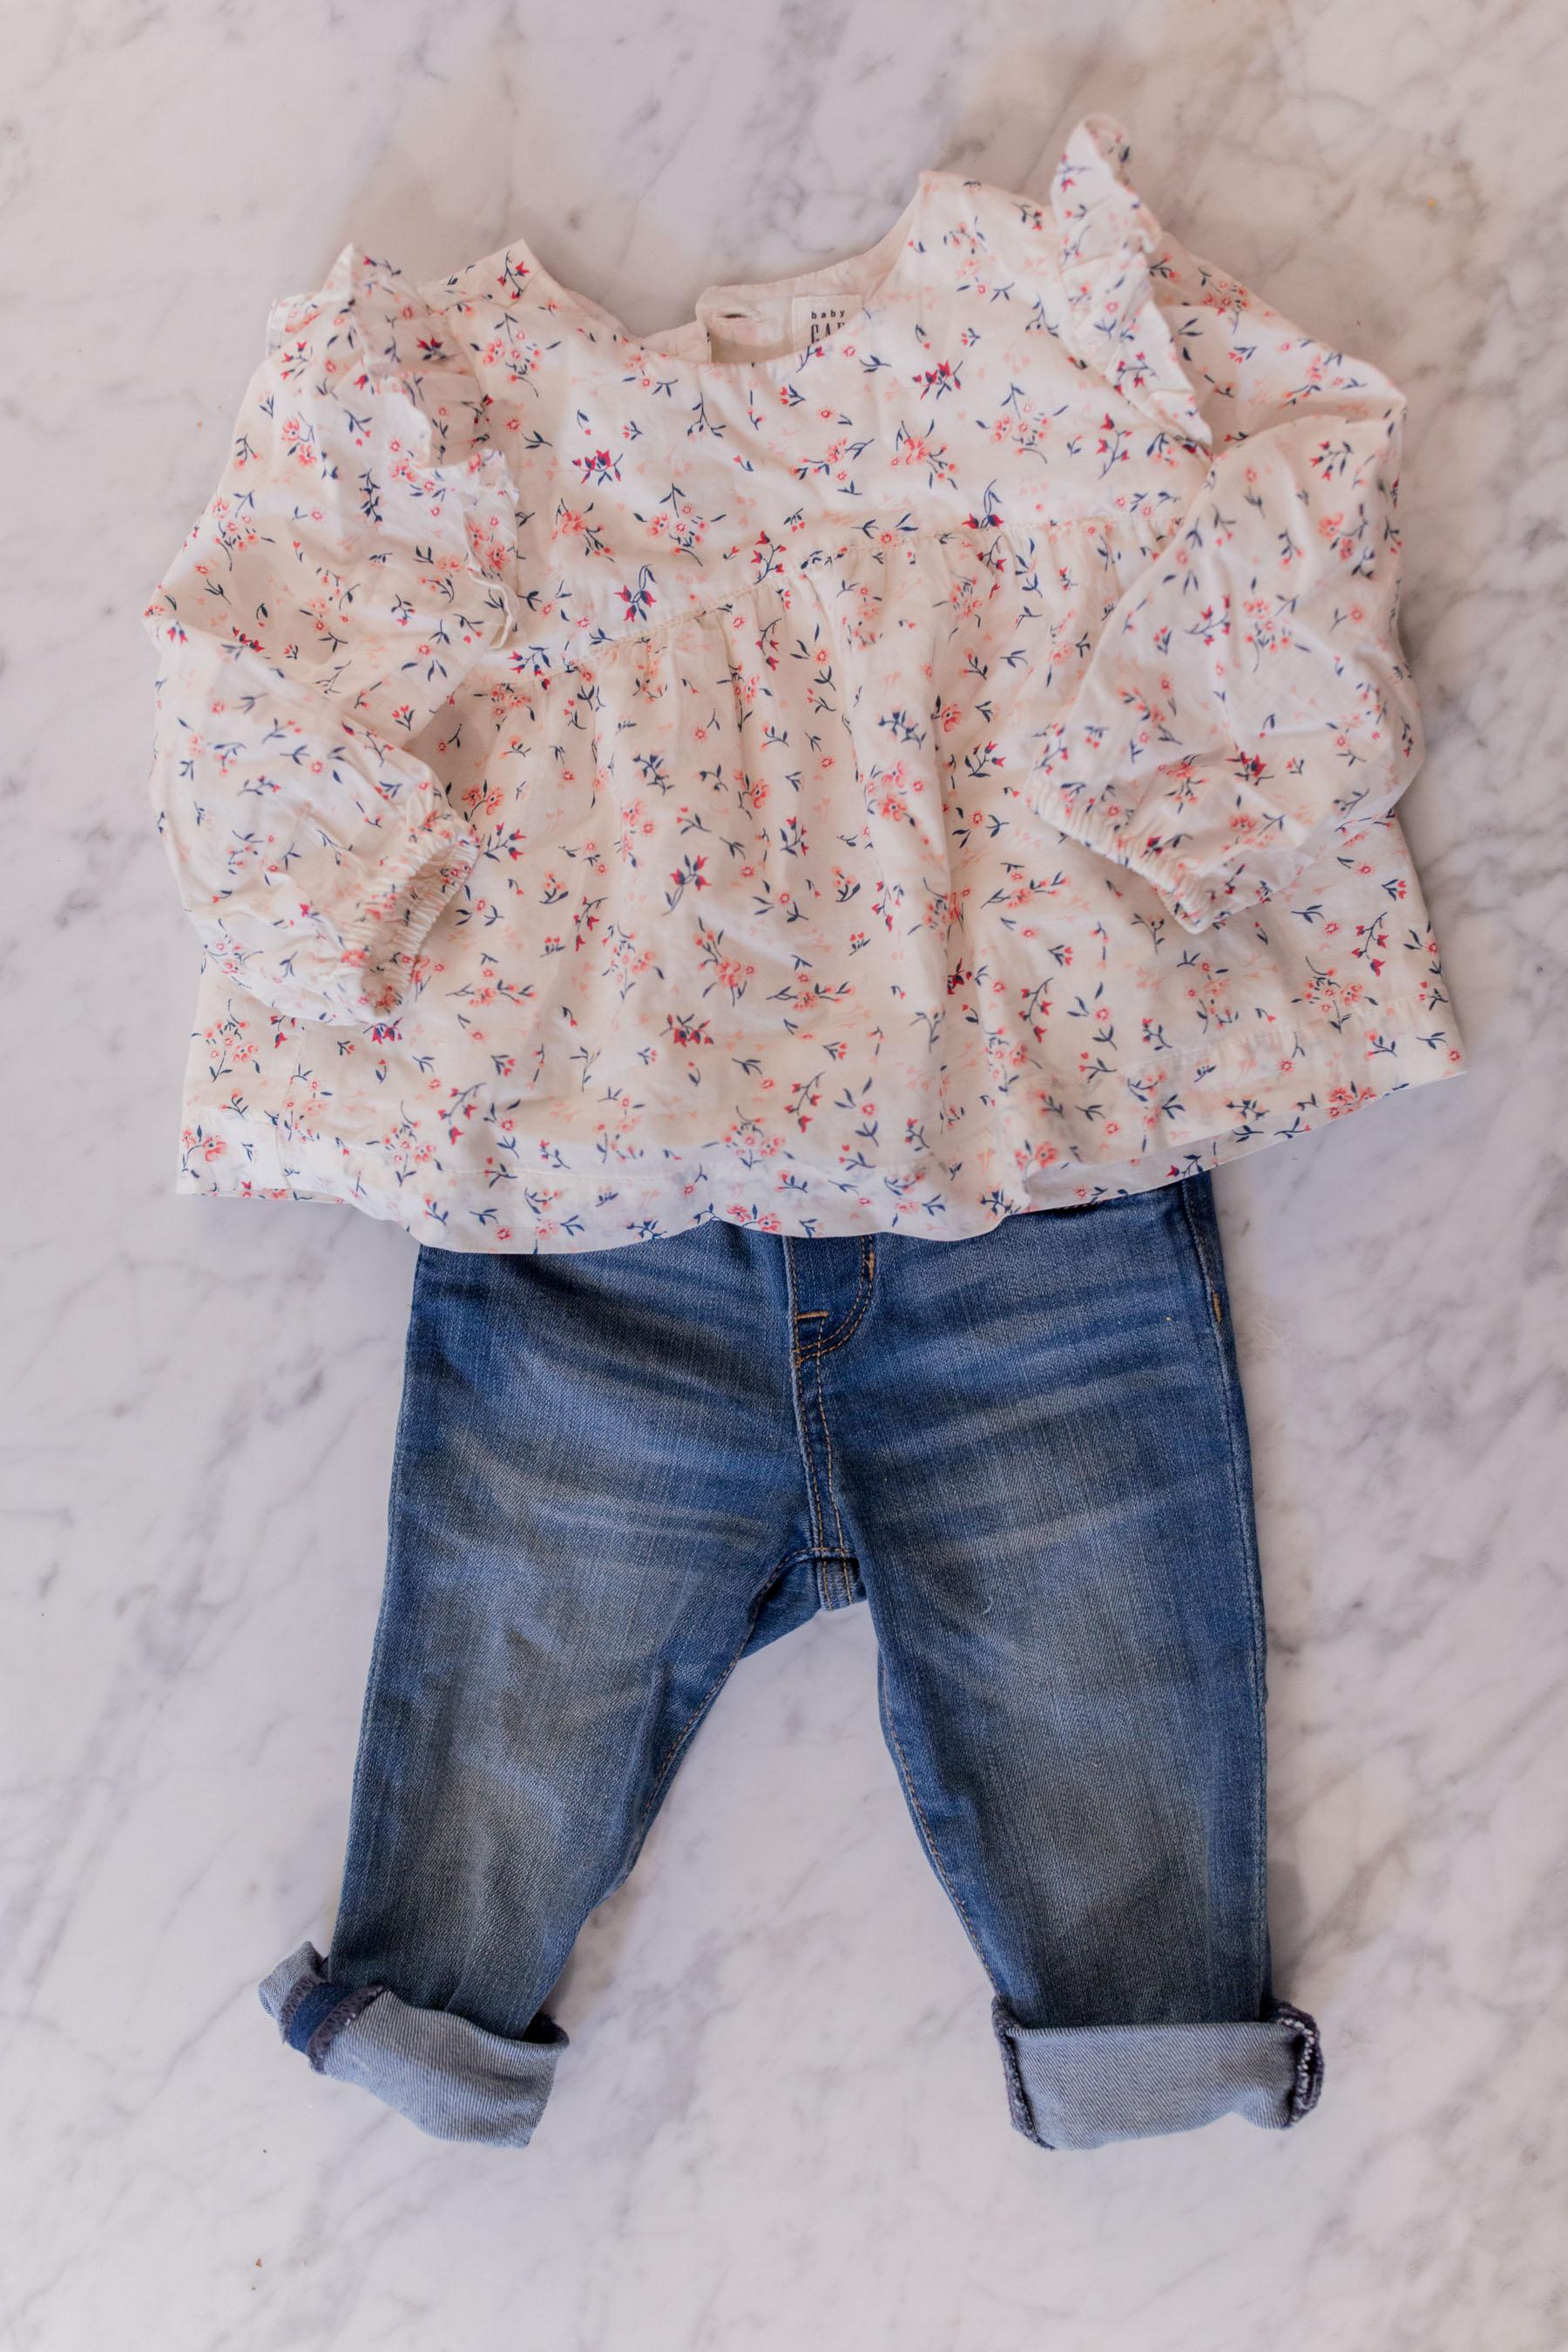 Preppy Baby Clothes